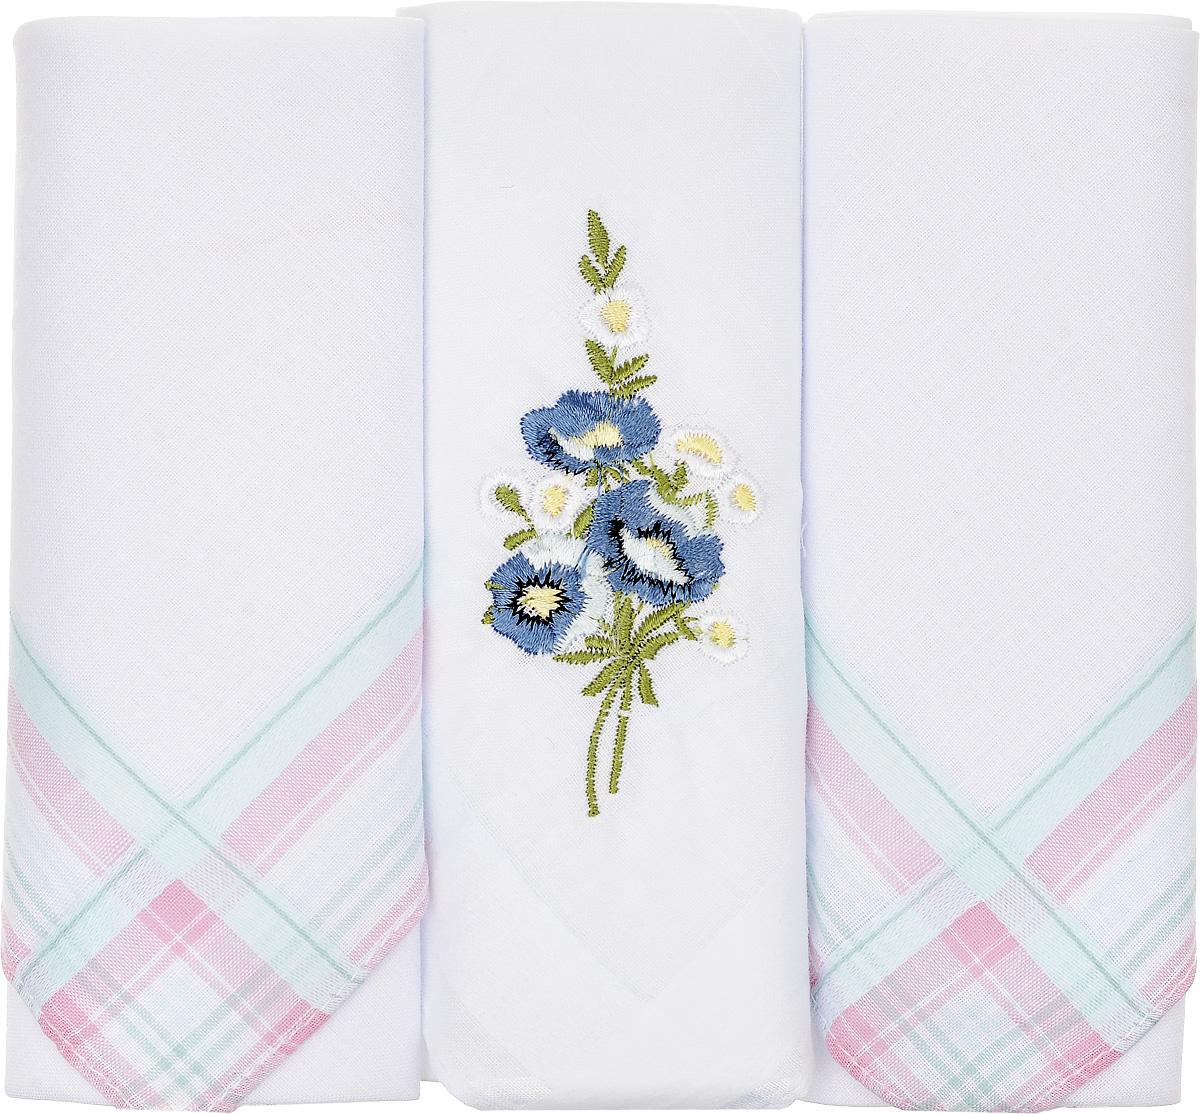 Платок носовой женский Zlata Korunka, цвет: белый, 3 шт. 90329-39. Размер 29 см х 29 см39864 Серьги с подвескамиНебольшой женский носовой платок Zlata Korunka изготовлен из высококачественного натурального хлопка, благодаря чему приятен в использовании, хорошо стирается, не садится и отлично впитывает влагу. Практичный и изящный носовой платок будет незаменим в повседневной жизни любого современного человека. Такой платок послужит стильным аксессуаром и подчеркнет ваше превосходное чувство вкуса.В комплекте 3 платка.